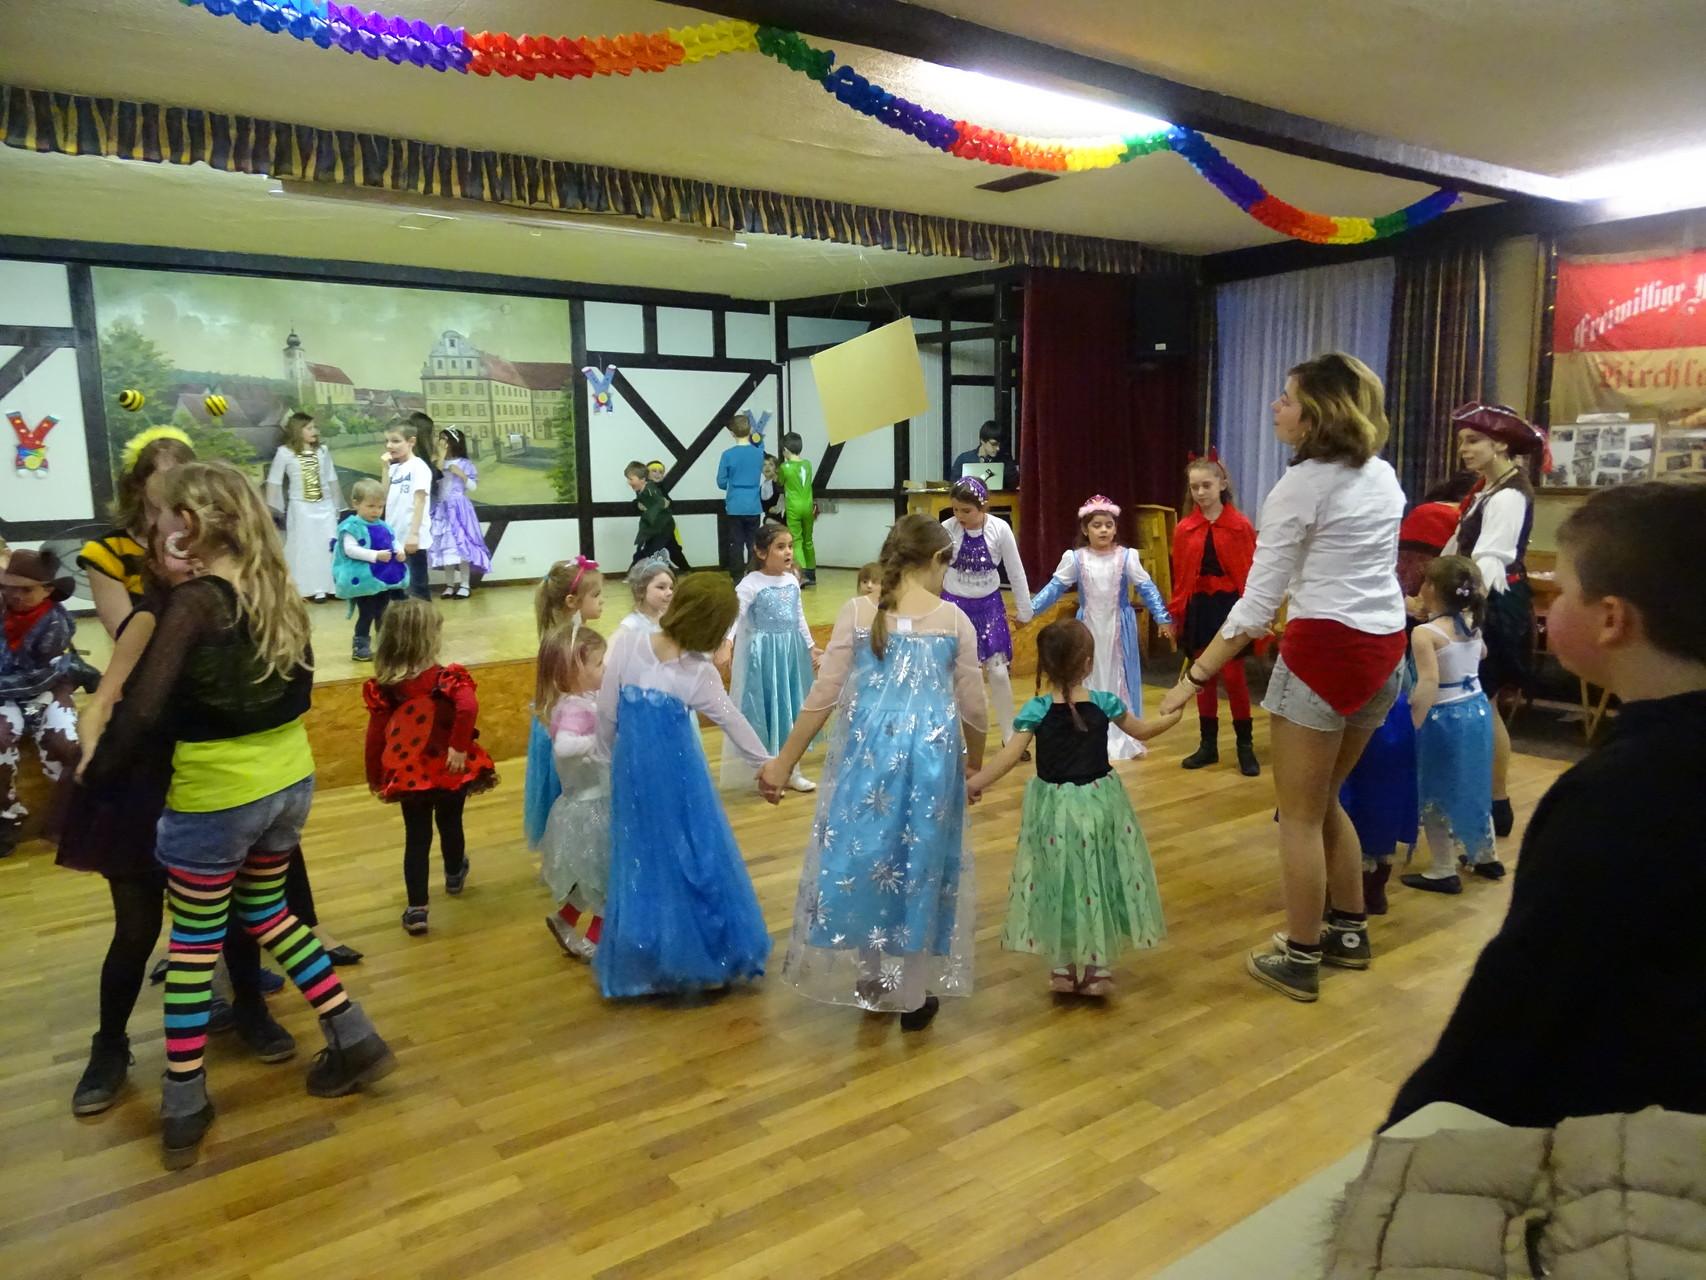 Bei so vielen Tanzauftritten hatten natürlich auch die Kids Lust selbst zu tanzen :)